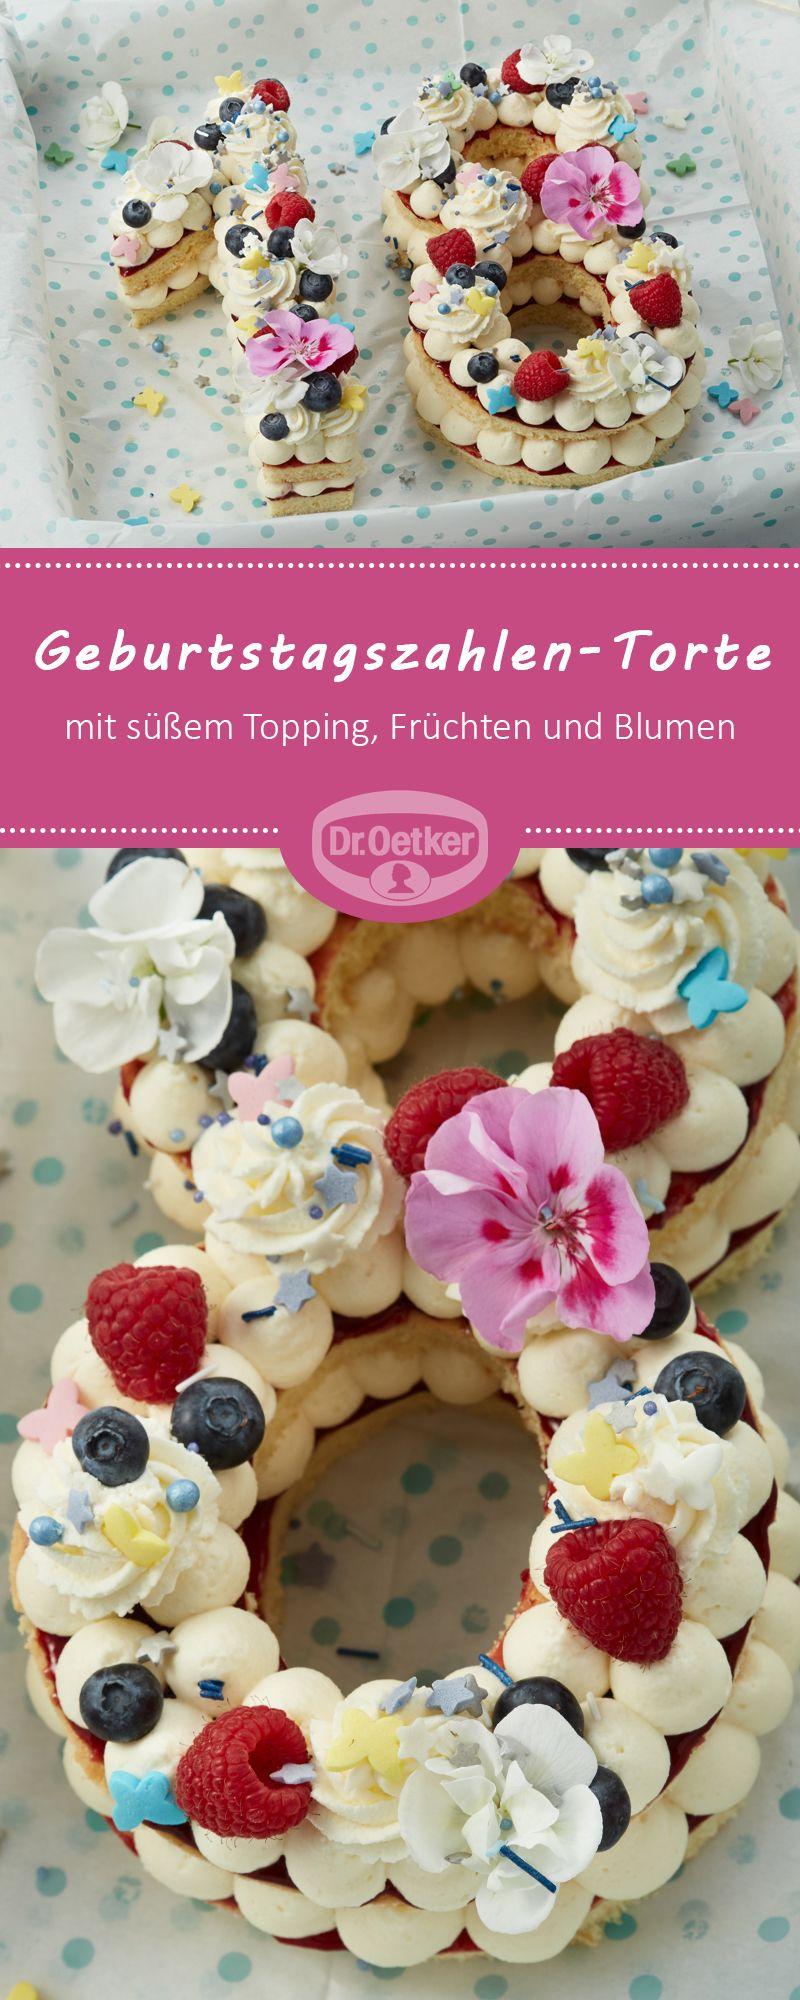 Geburtstagszahlen Torte Rezept Einhorn Party Geburtstag Deko Essen Torten Rezepte Kuchen Und Kuchen Rezepte